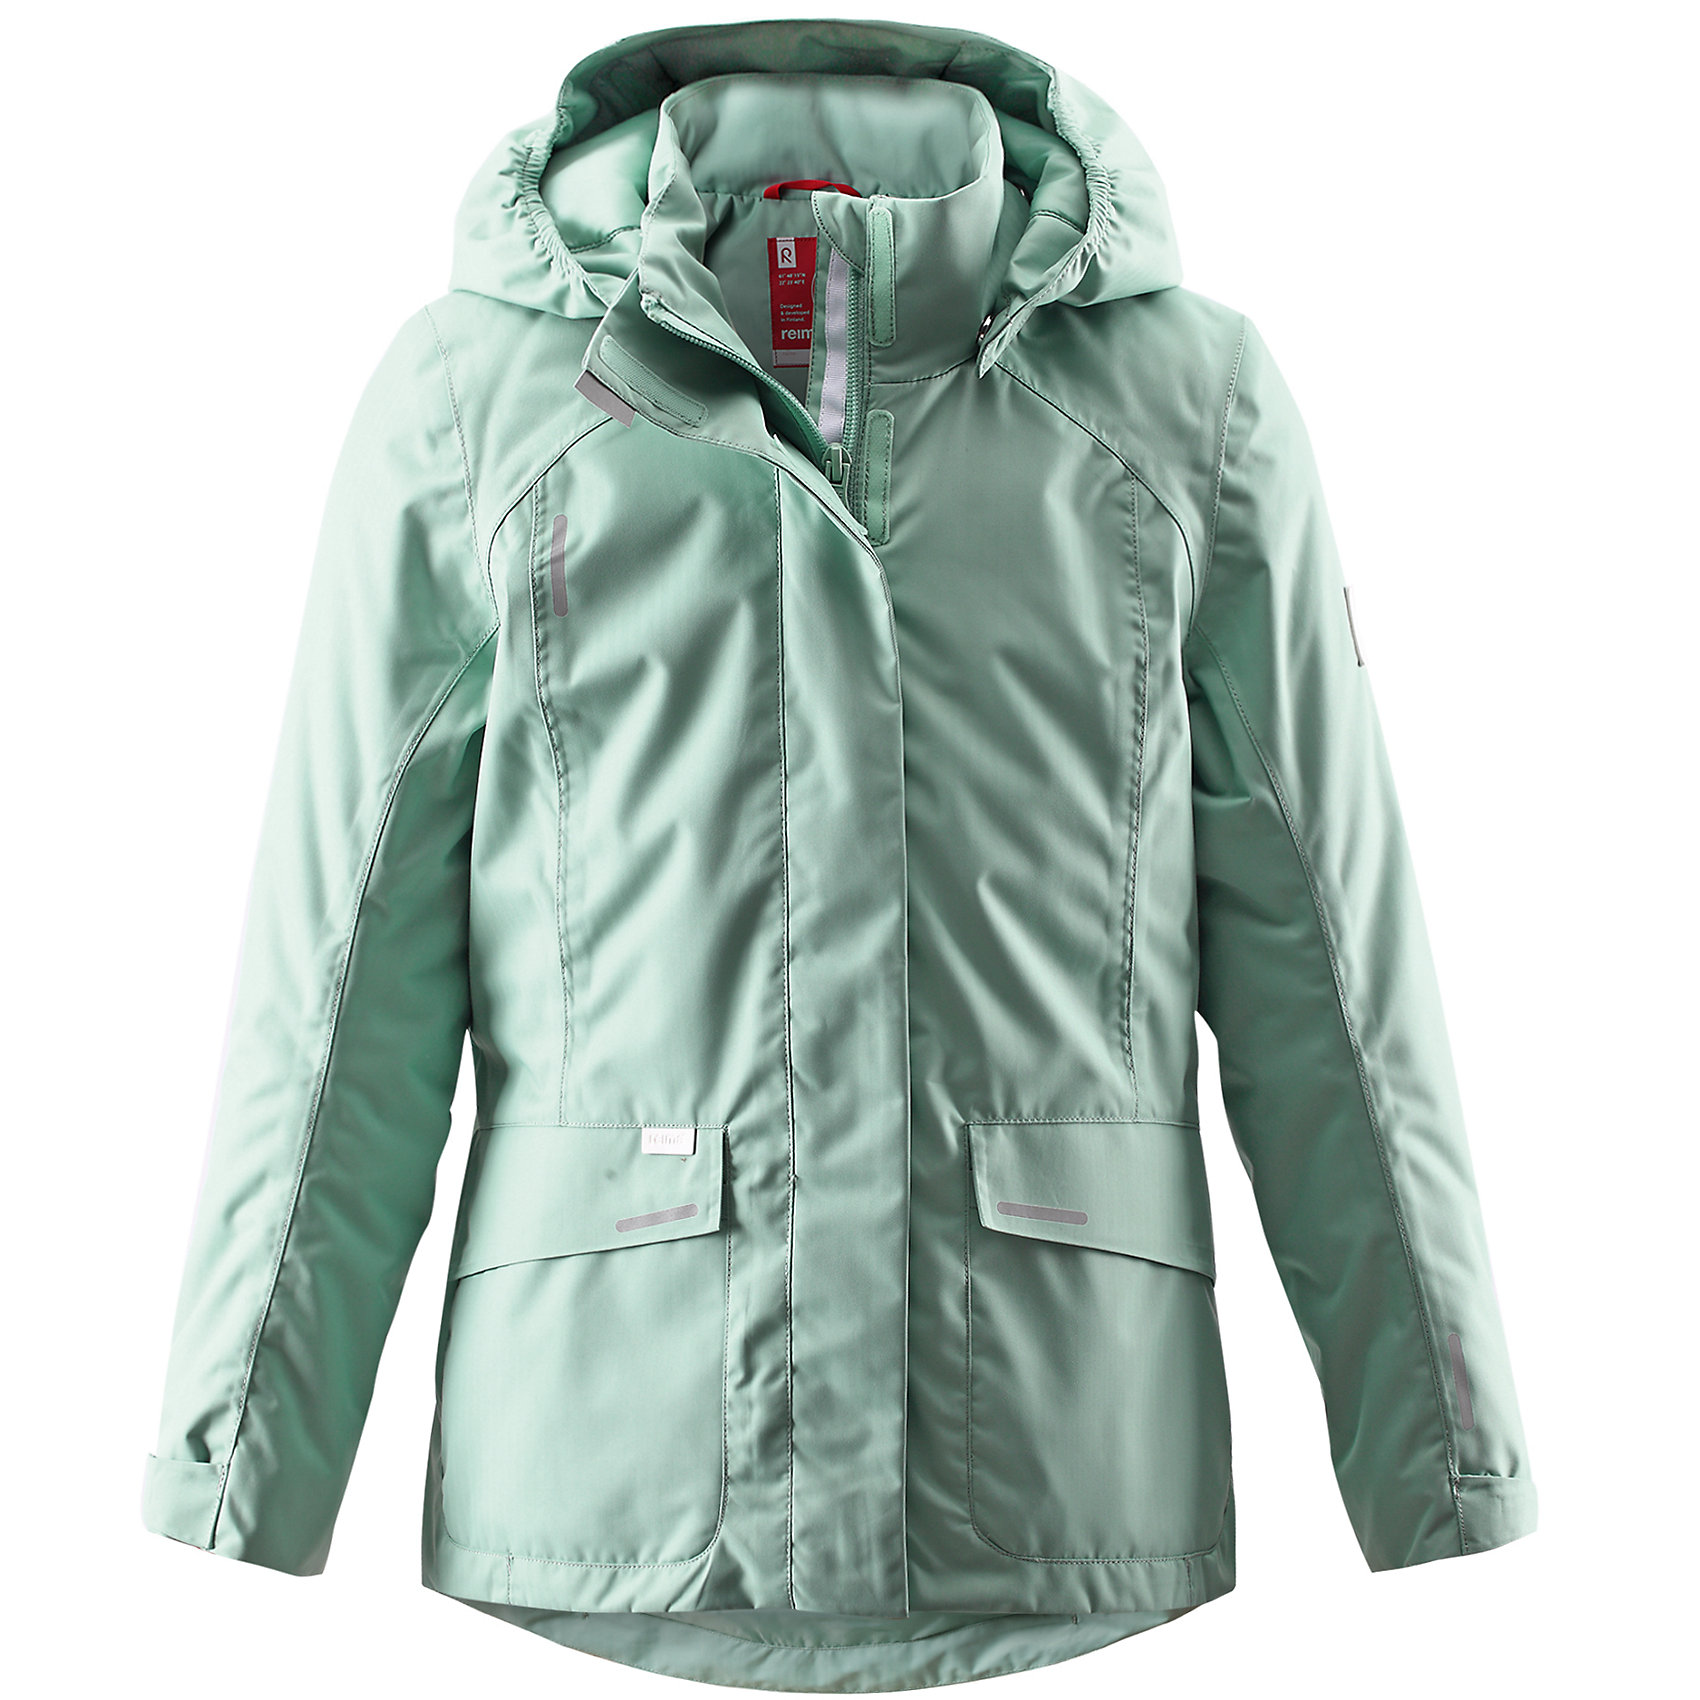 Куртка для девочки ReimaКуртка для девочки от финской марки Reima.<br>Куртка демисезонная для подростков. Основные швы проклеены и не пропускают влагу. Водоотталкивающий, ветронепроницаемый, «дышащий» и грязеотталкивающий материал. Легкая степень утепления. Безопасный, отстегивающийся и регулируемый капюшон. Регулируемые манжеты. Регулируемый обхват талии. Два прорезных кармана.<br>Состав:<br>100% ПЭ, ПУ-покрытие<br><br>Ширина мм: 356<br>Глубина мм: 10<br>Высота мм: 245<br>Вес г: 519<br>Цвет: серый<br>Возраст от месяцев: 60<br>Возраст до месяцев: 72<br>Пол: Женский<br>Возраст: Детский<br>Размер: 116,104,110,122,128,140,164,134<br>SKU: 4653230